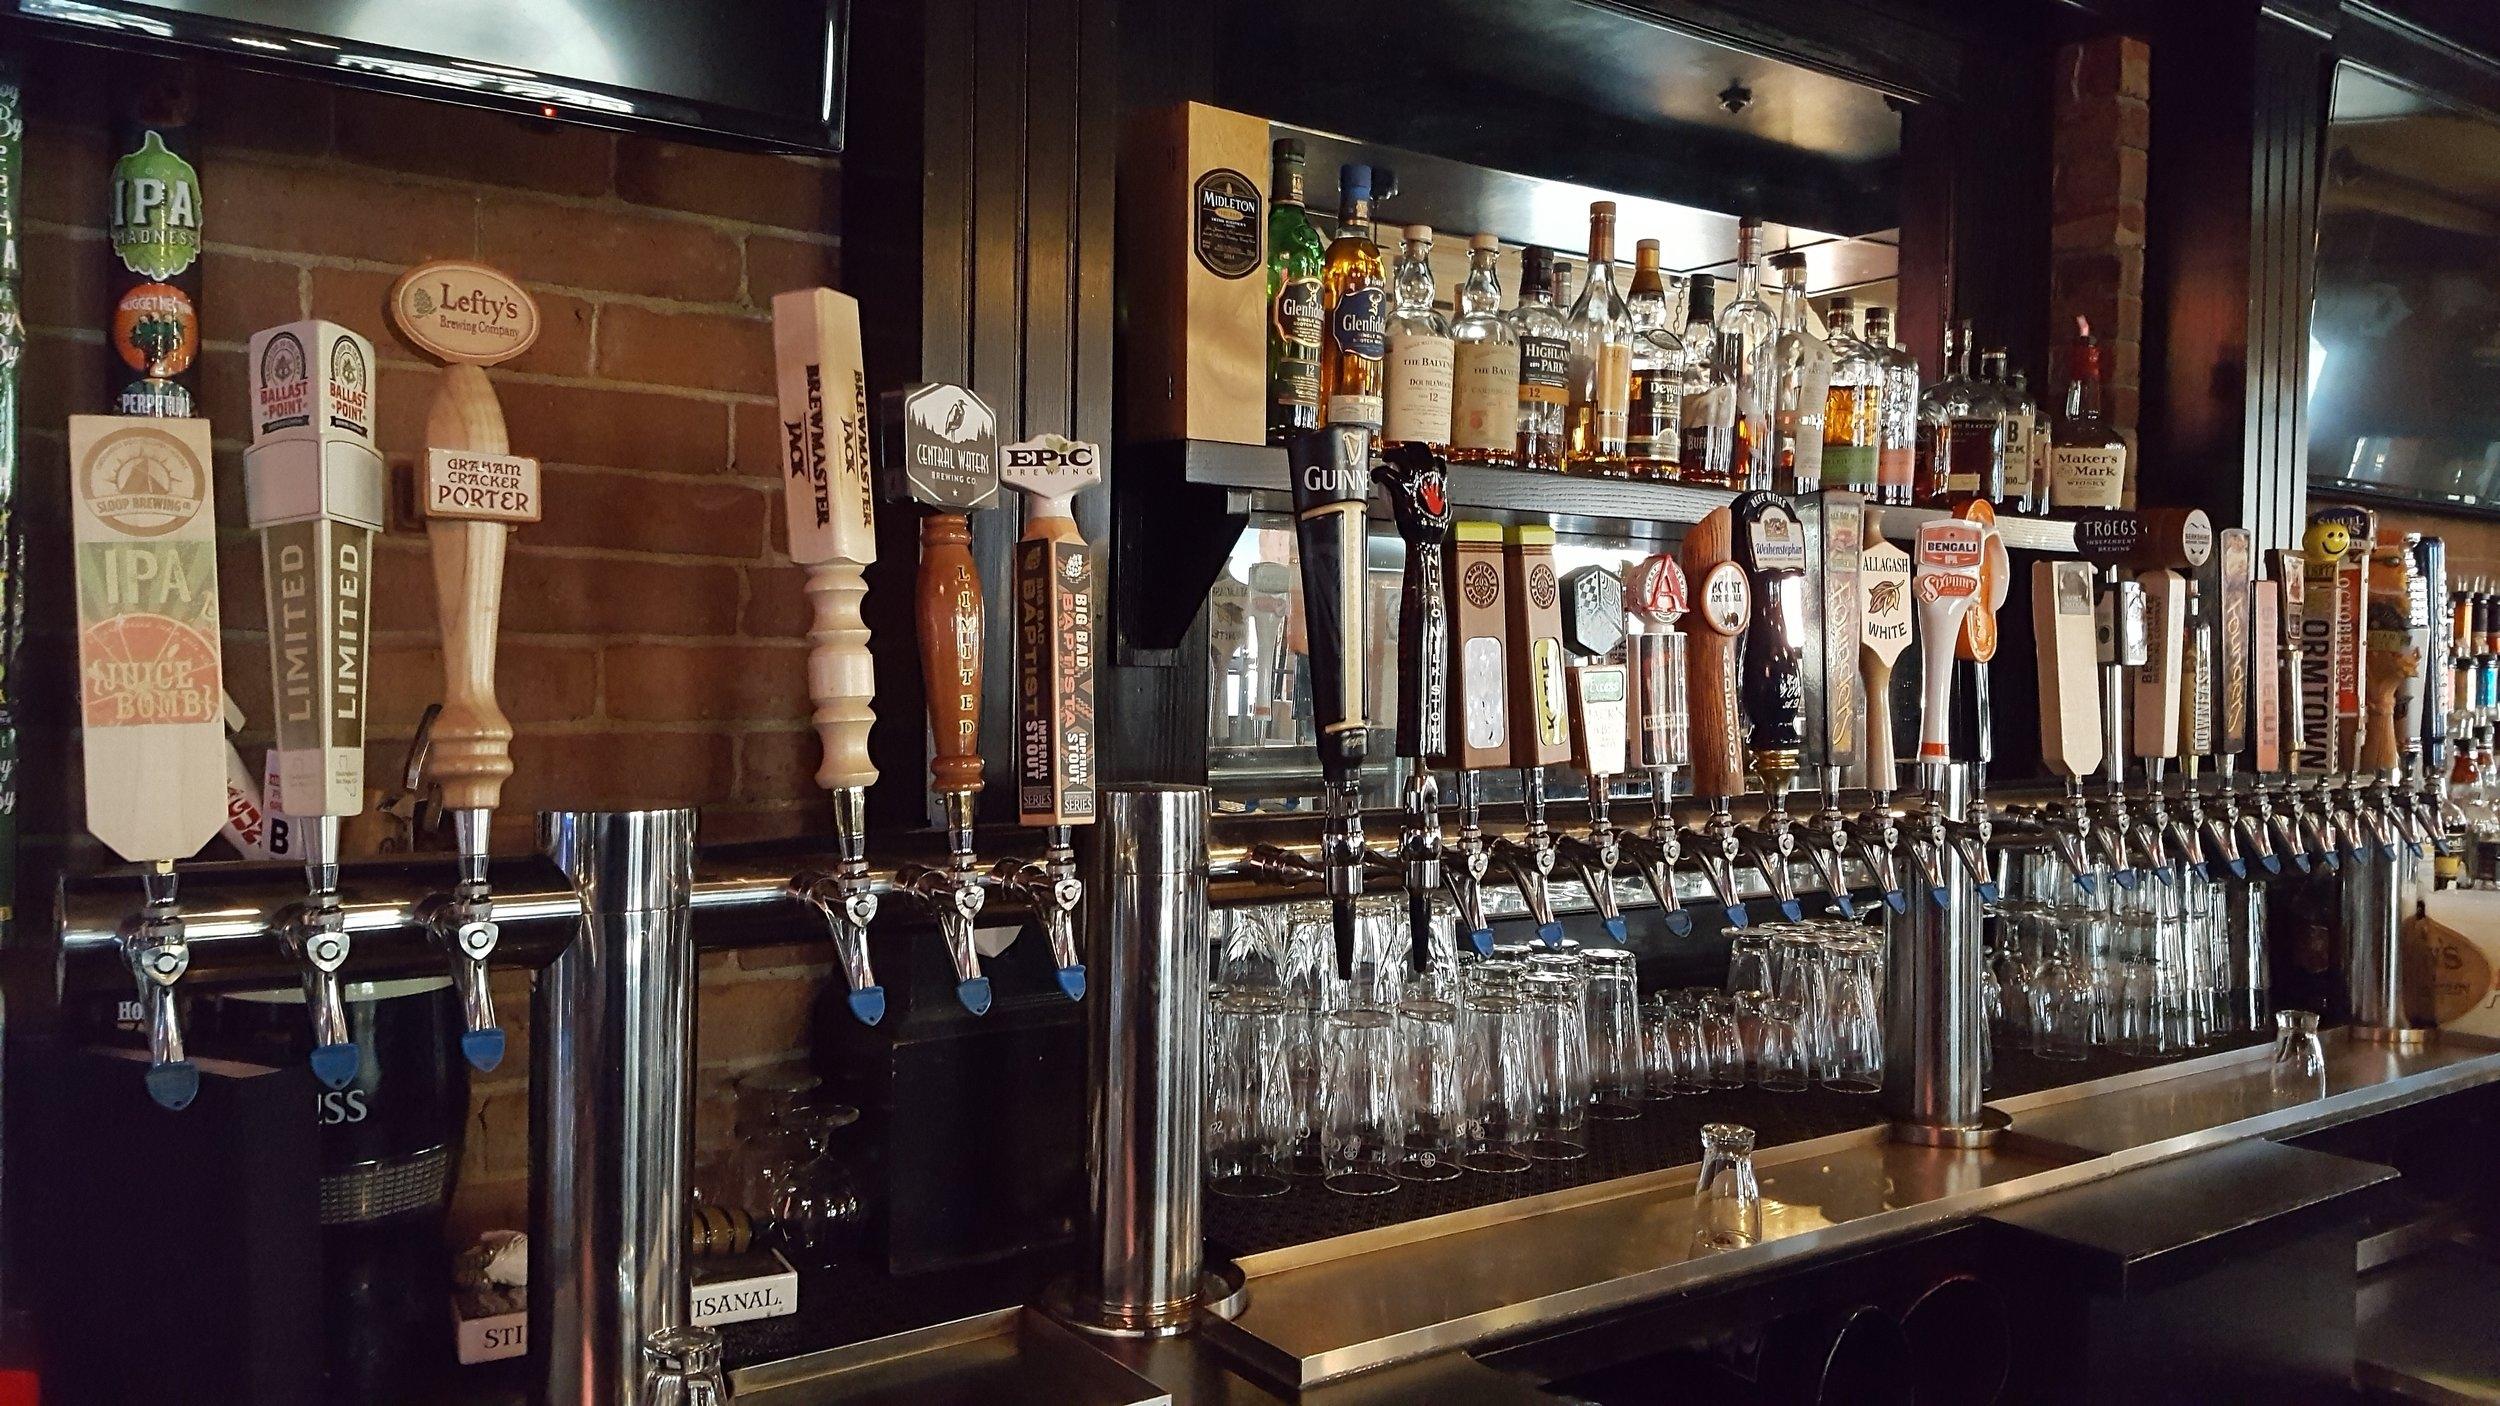 Westfield beer taps